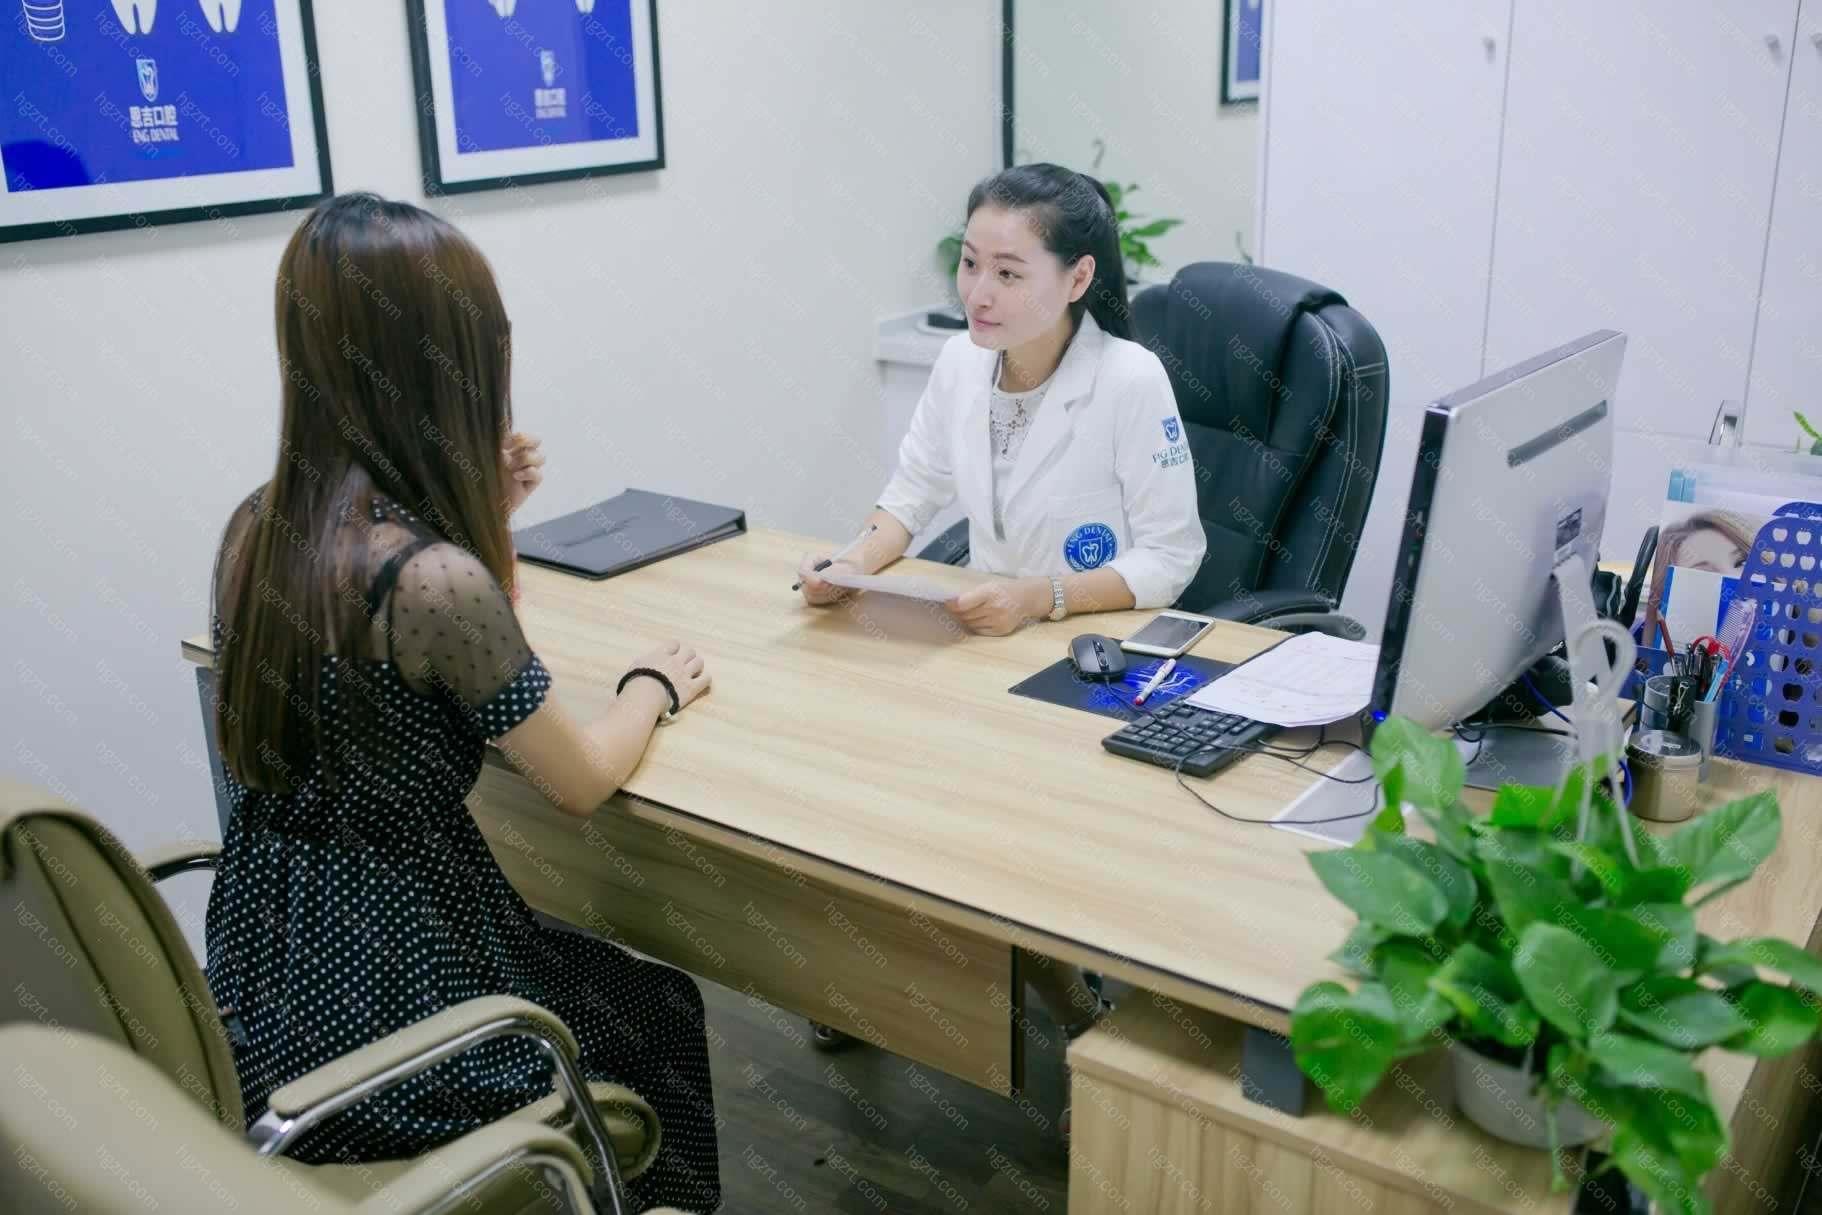 宁波恩吉口腔是按化、数字化、标准化、人性化规范建设的多功能现代综合口腔专科机构